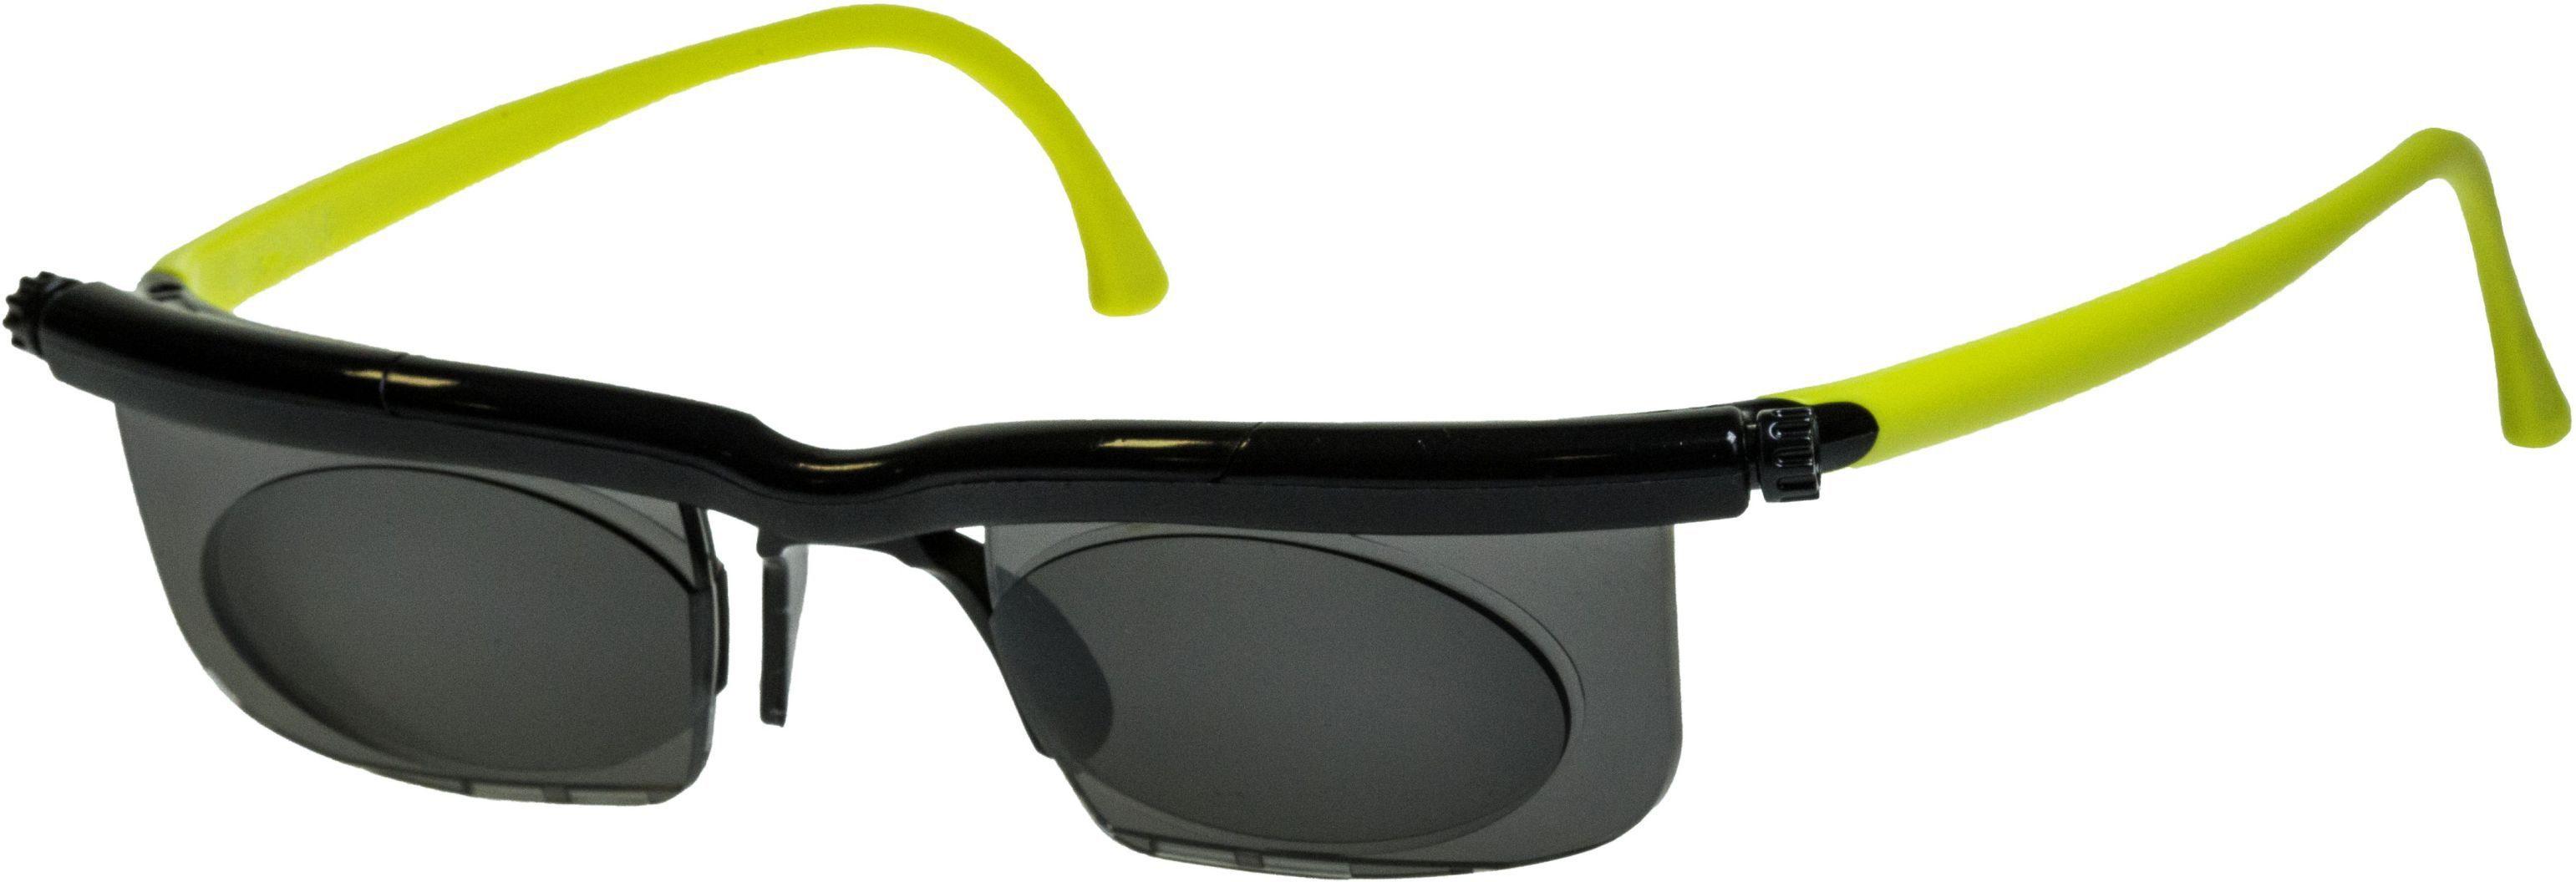 Maximex Sonnenbrille, individuell einstellbar, »Adlens®«, blau